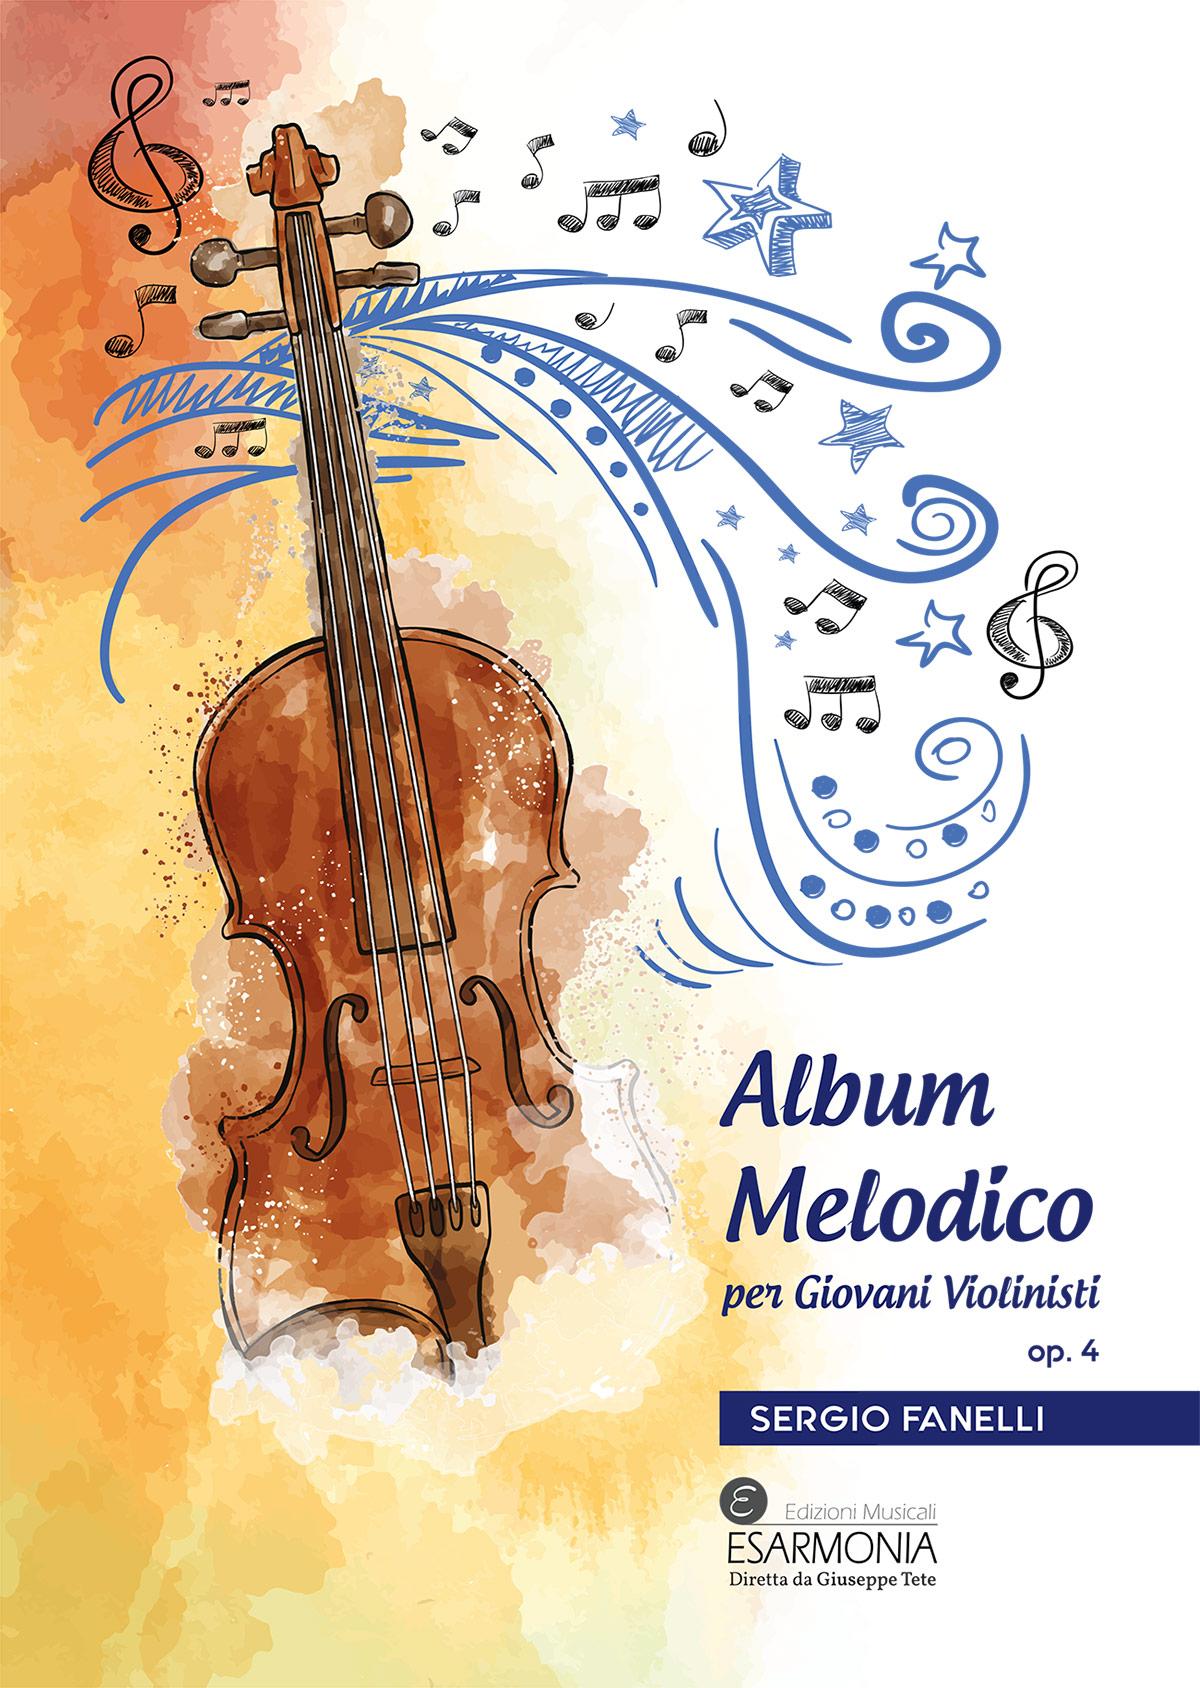 Copertina-Album-Melodico-per-Giovani-Violinisti